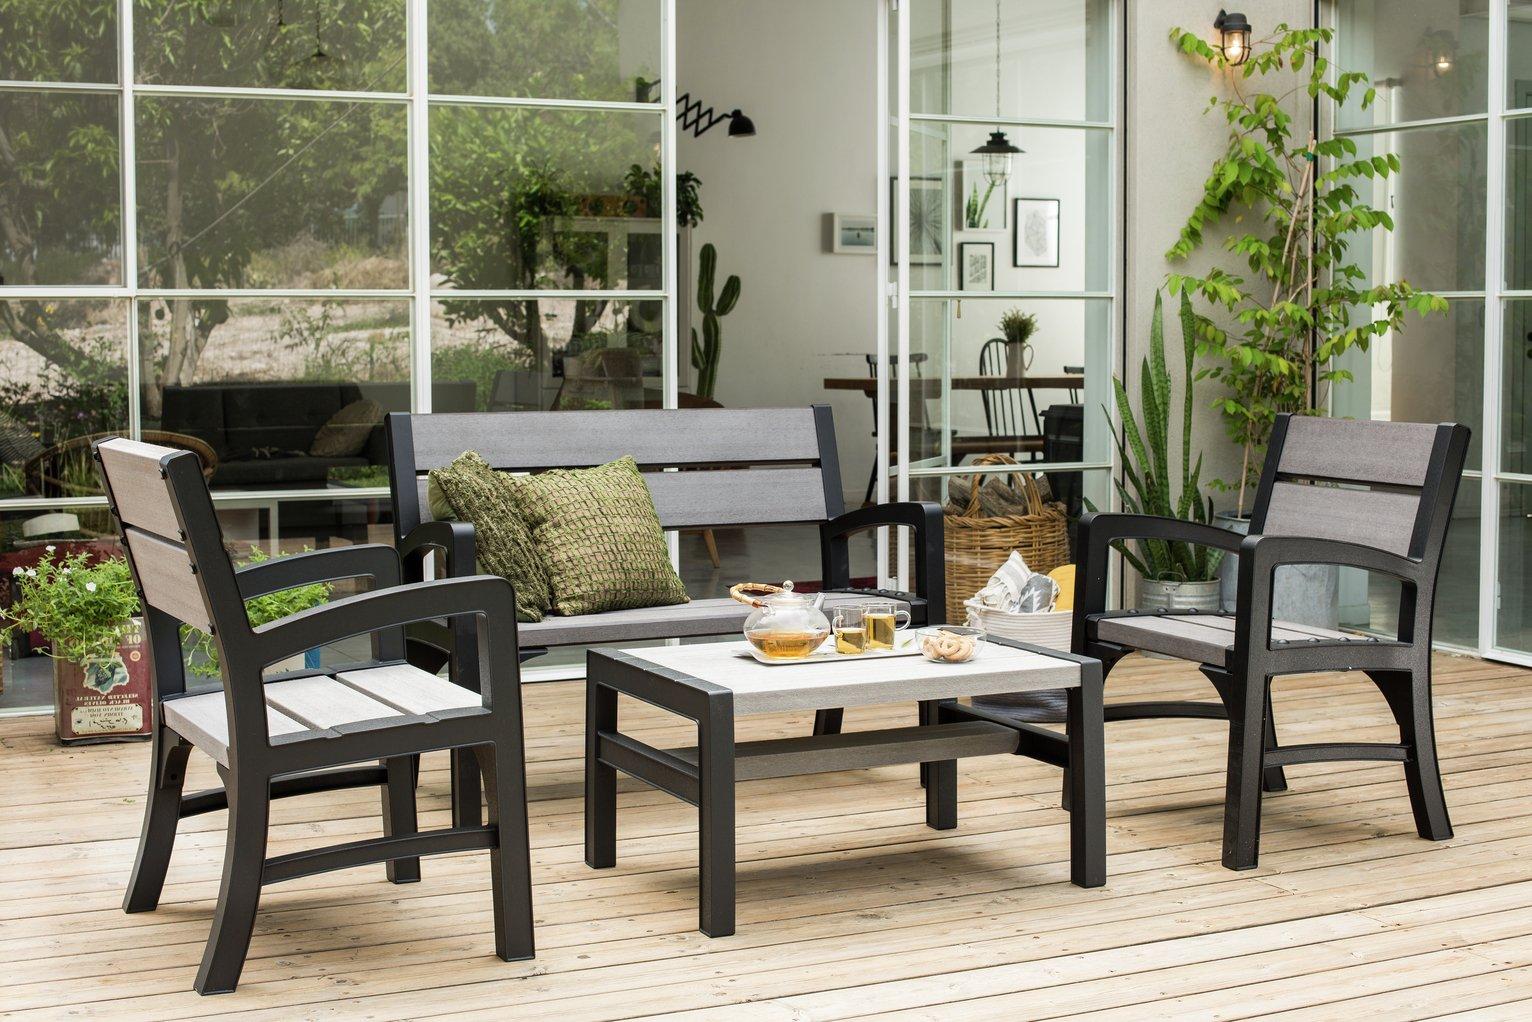 keter tuscany 4 seater wood effect garden lounge set. Black Bedroom Furniture Sets. Home Design Ideas